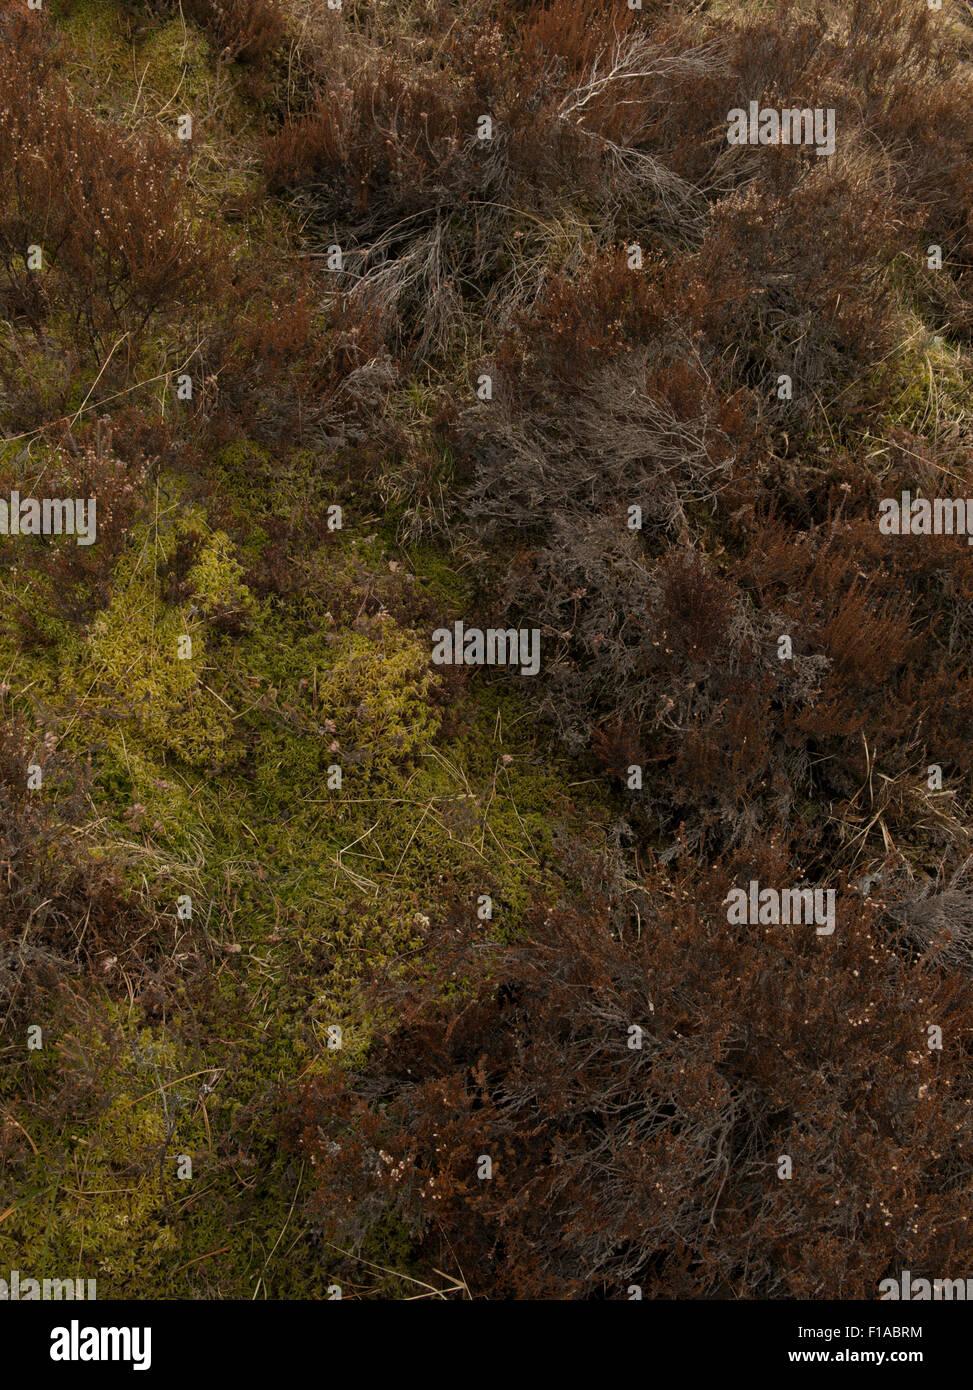 New growth mosses among old heather,Highland,Scotland,UK, - Stock Image